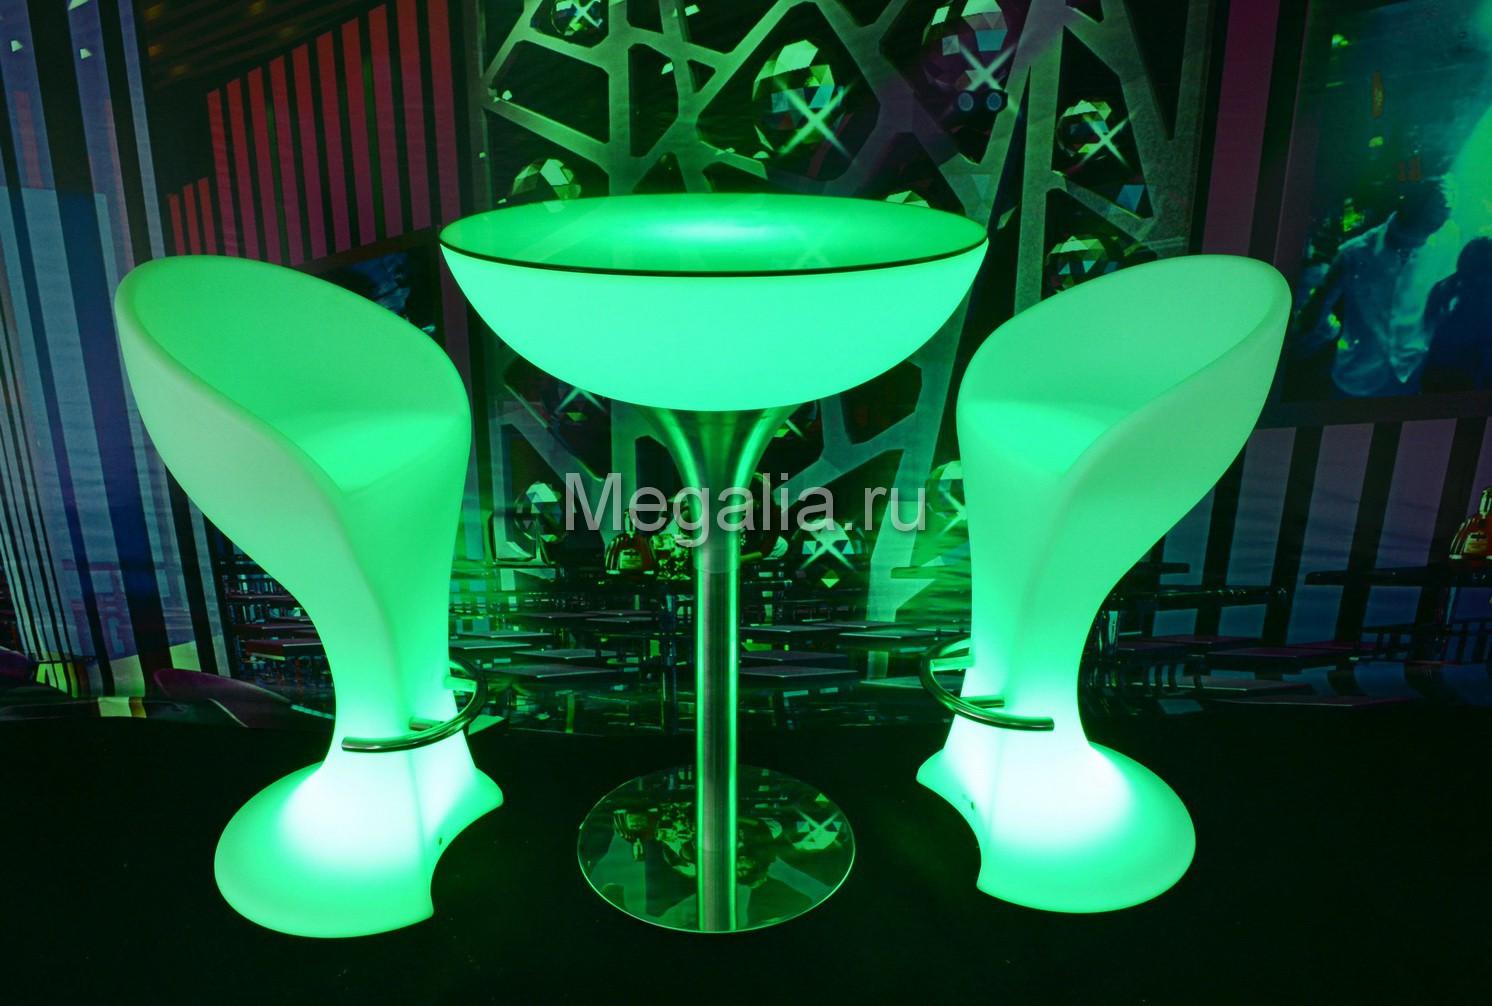 """Светящийся журнальный столик """"Martini"""""""